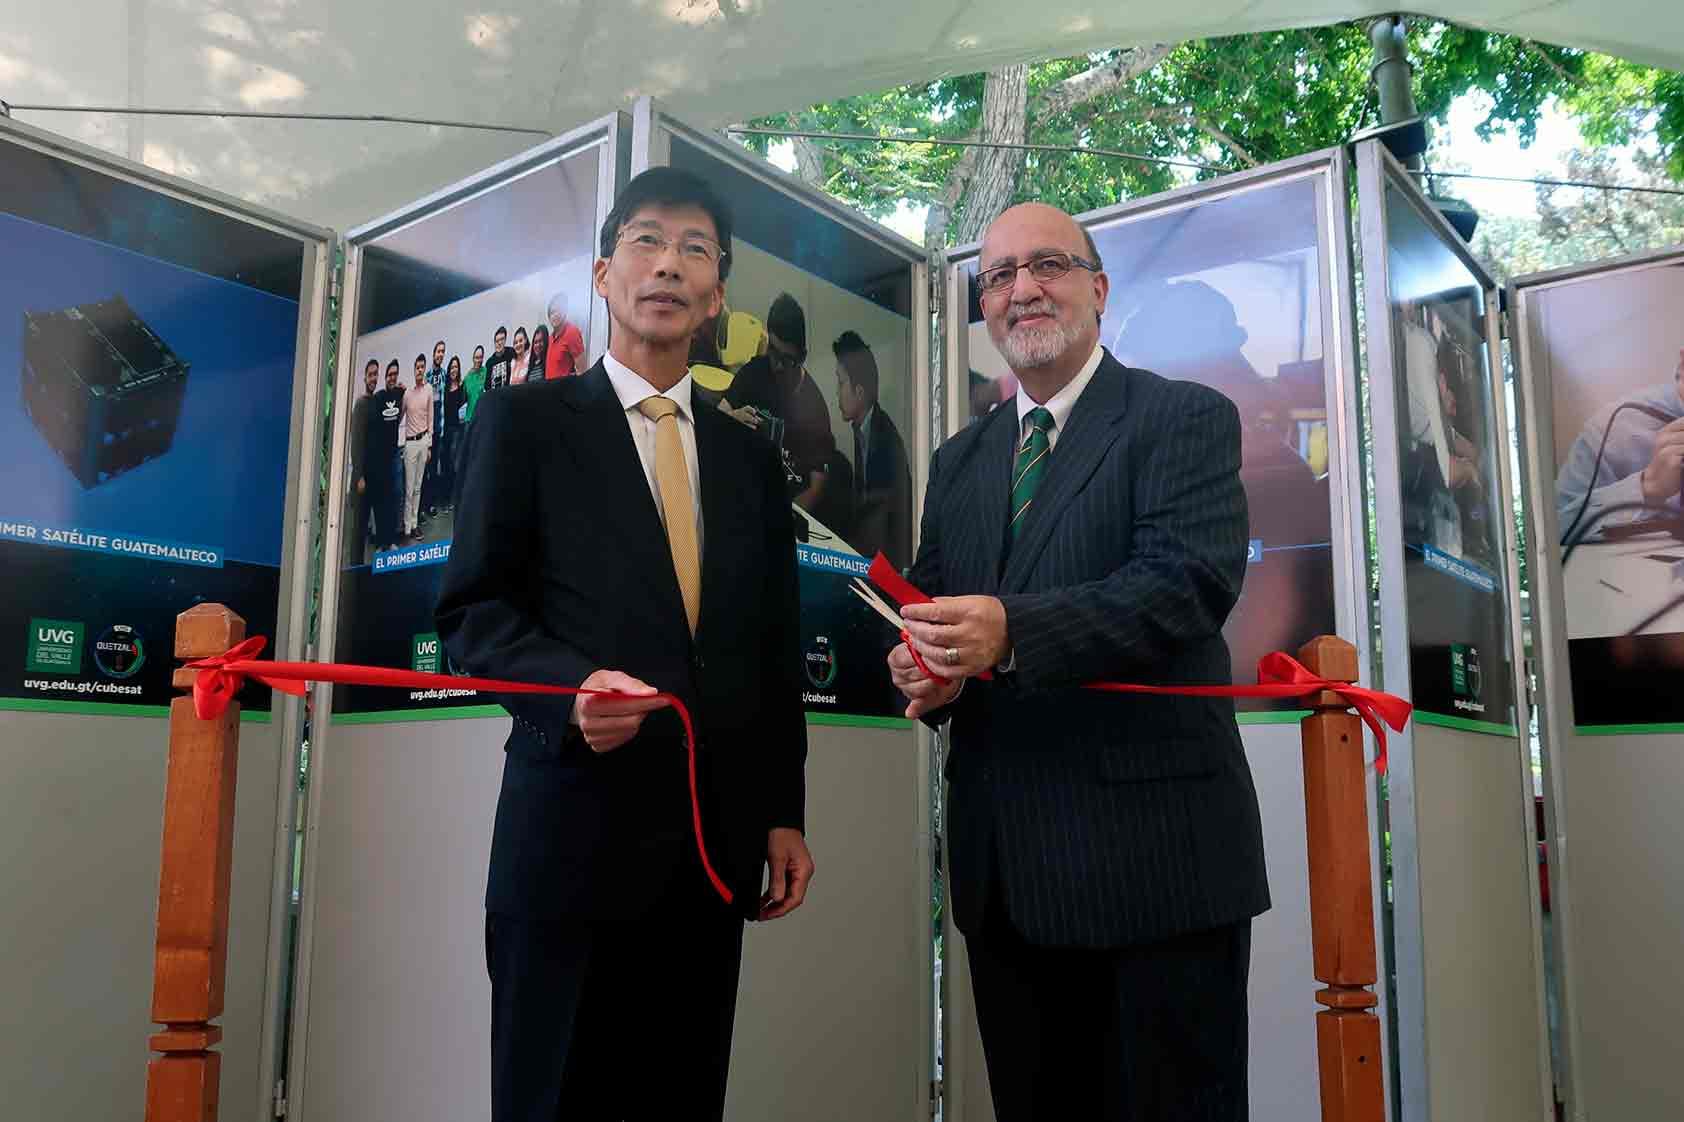 Embajada de Japón fortalece lazos de colaboración con UVG